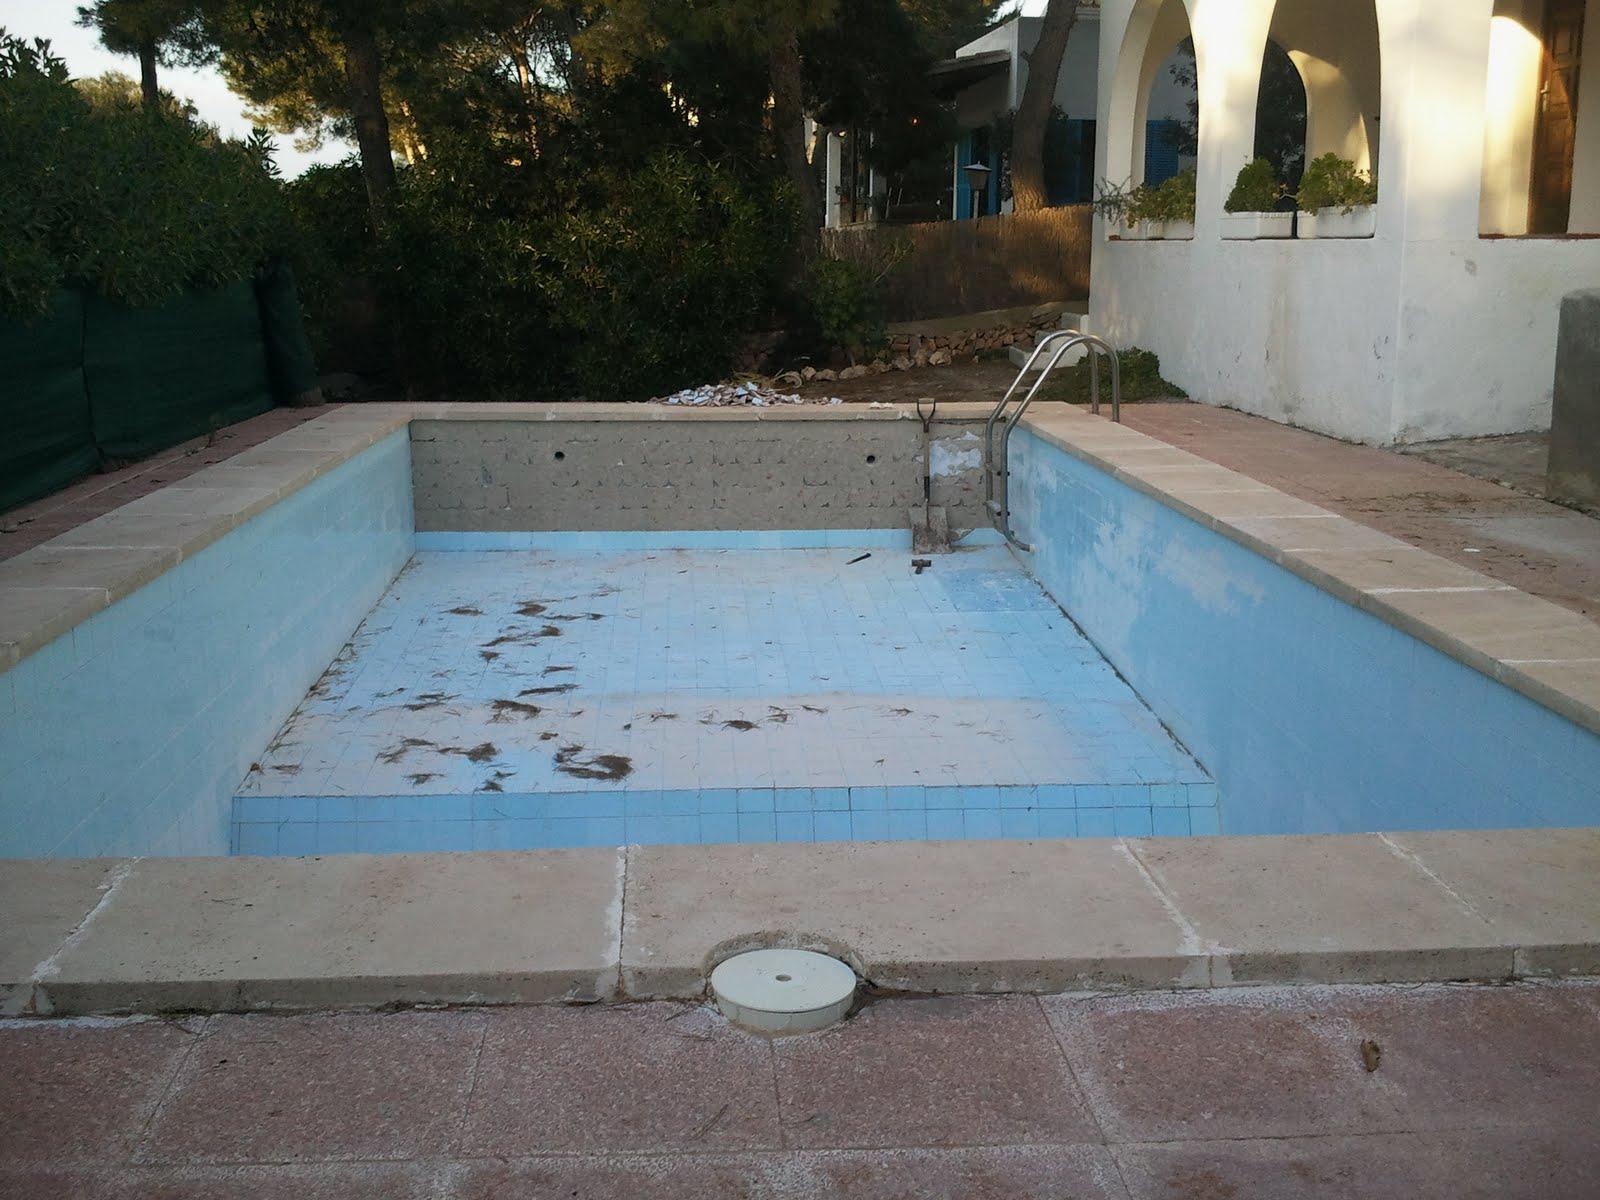 Najibait reforma de piscina for Se puede fumar en piscinas